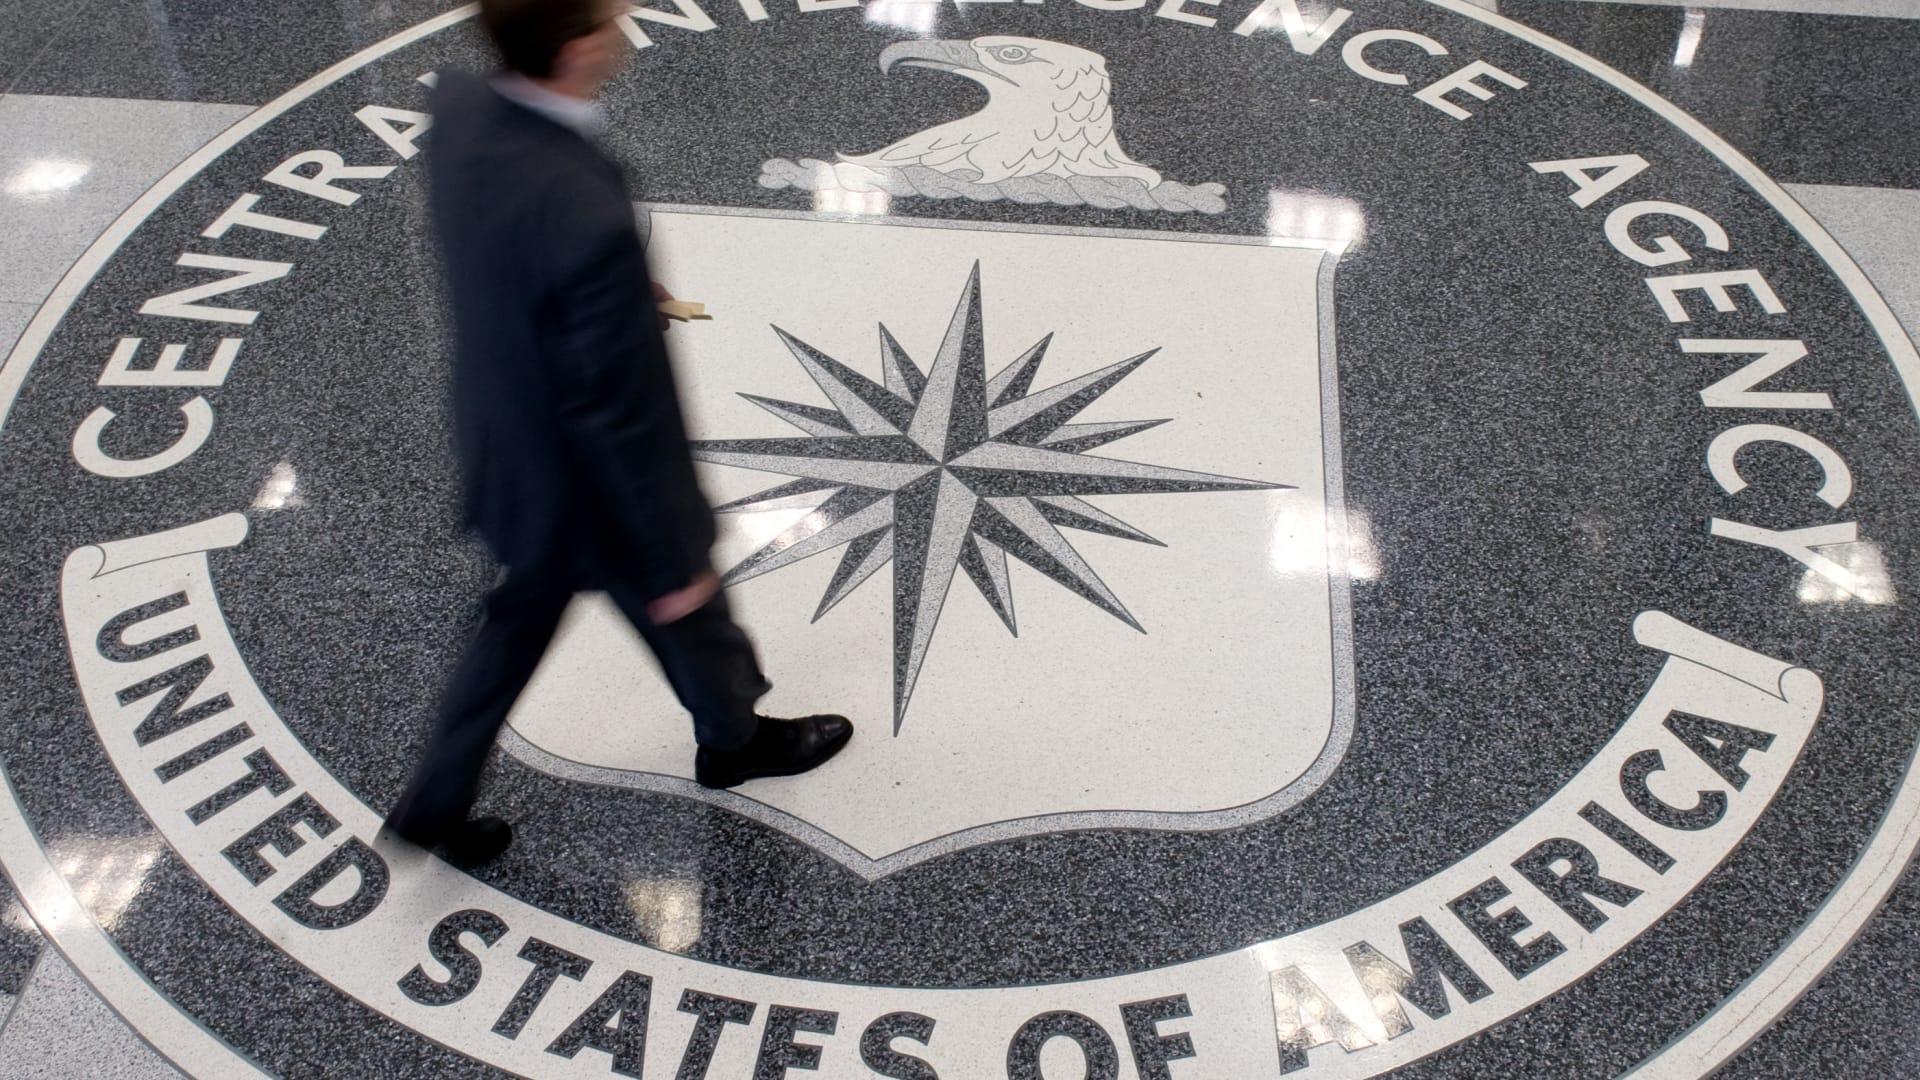 مدير CIA السابق يؤكد لـCNN: على الجميع الوثوق بتقرير المخابرات حول التأثير الروسي على انتخابات أمريكا